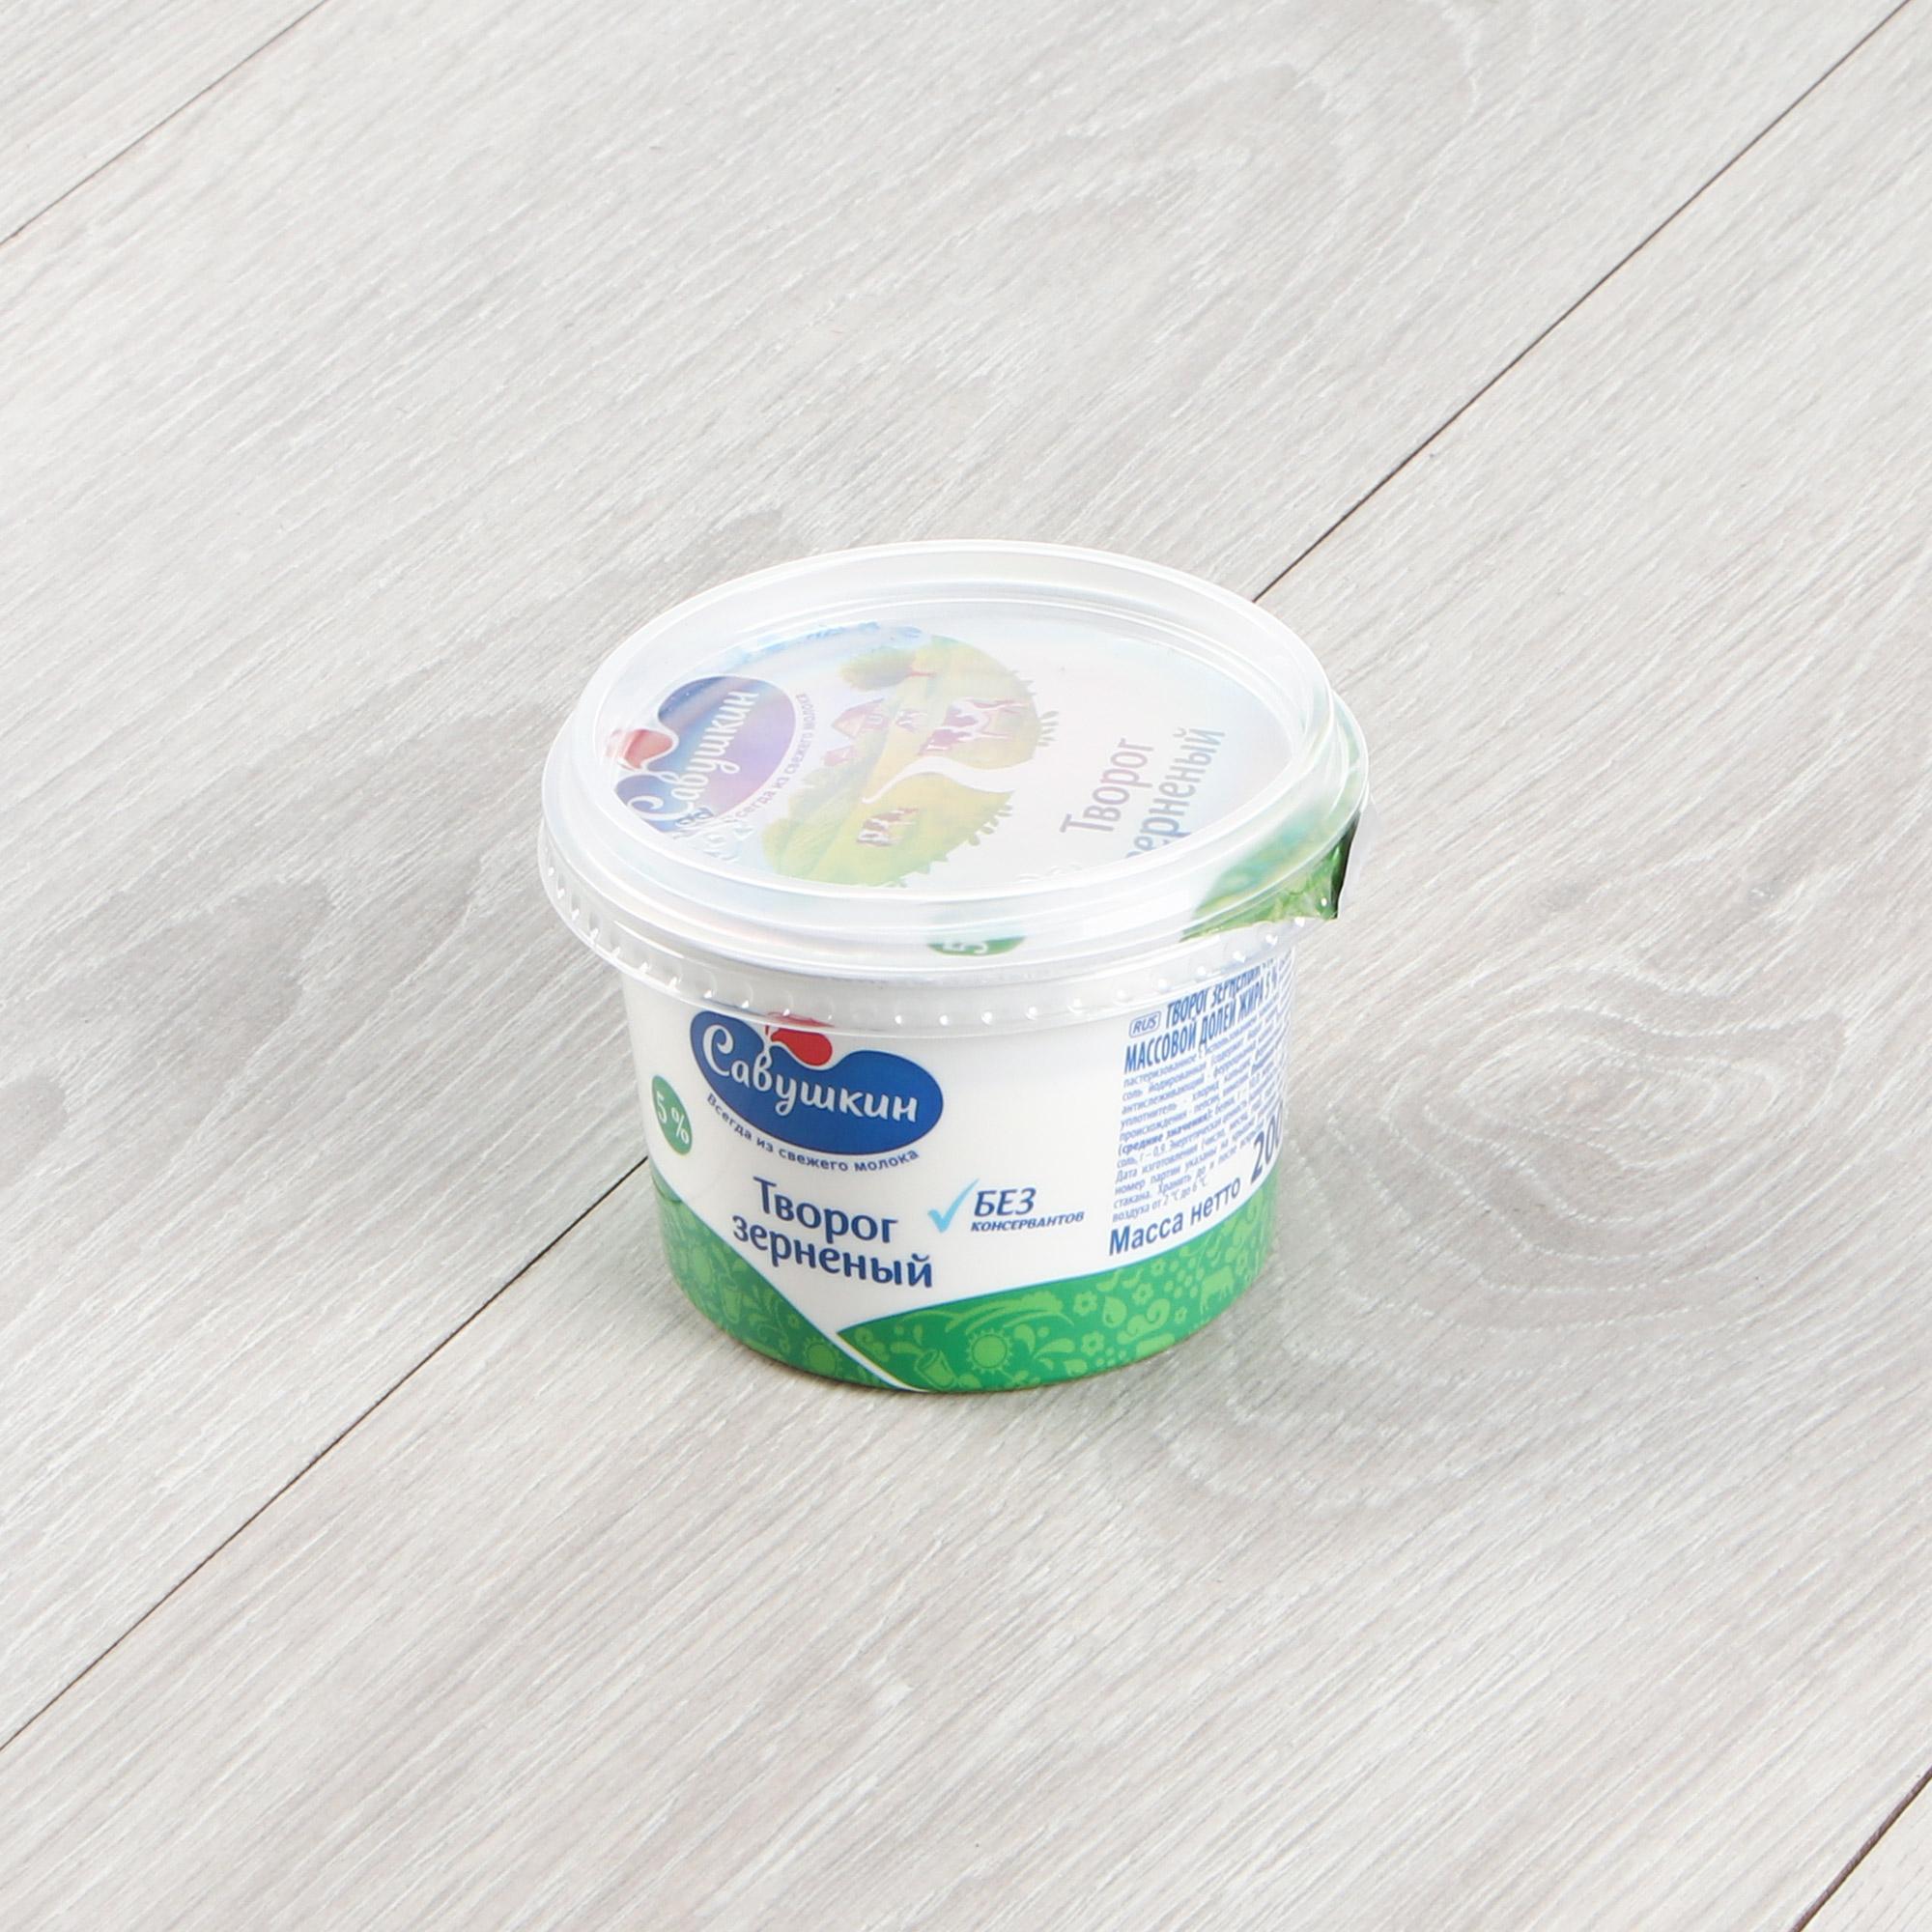 творог савушкин продукт рассыпчатый 5% 700 г Творог Савушкин продукт 101 Зерно+сливки 200 г